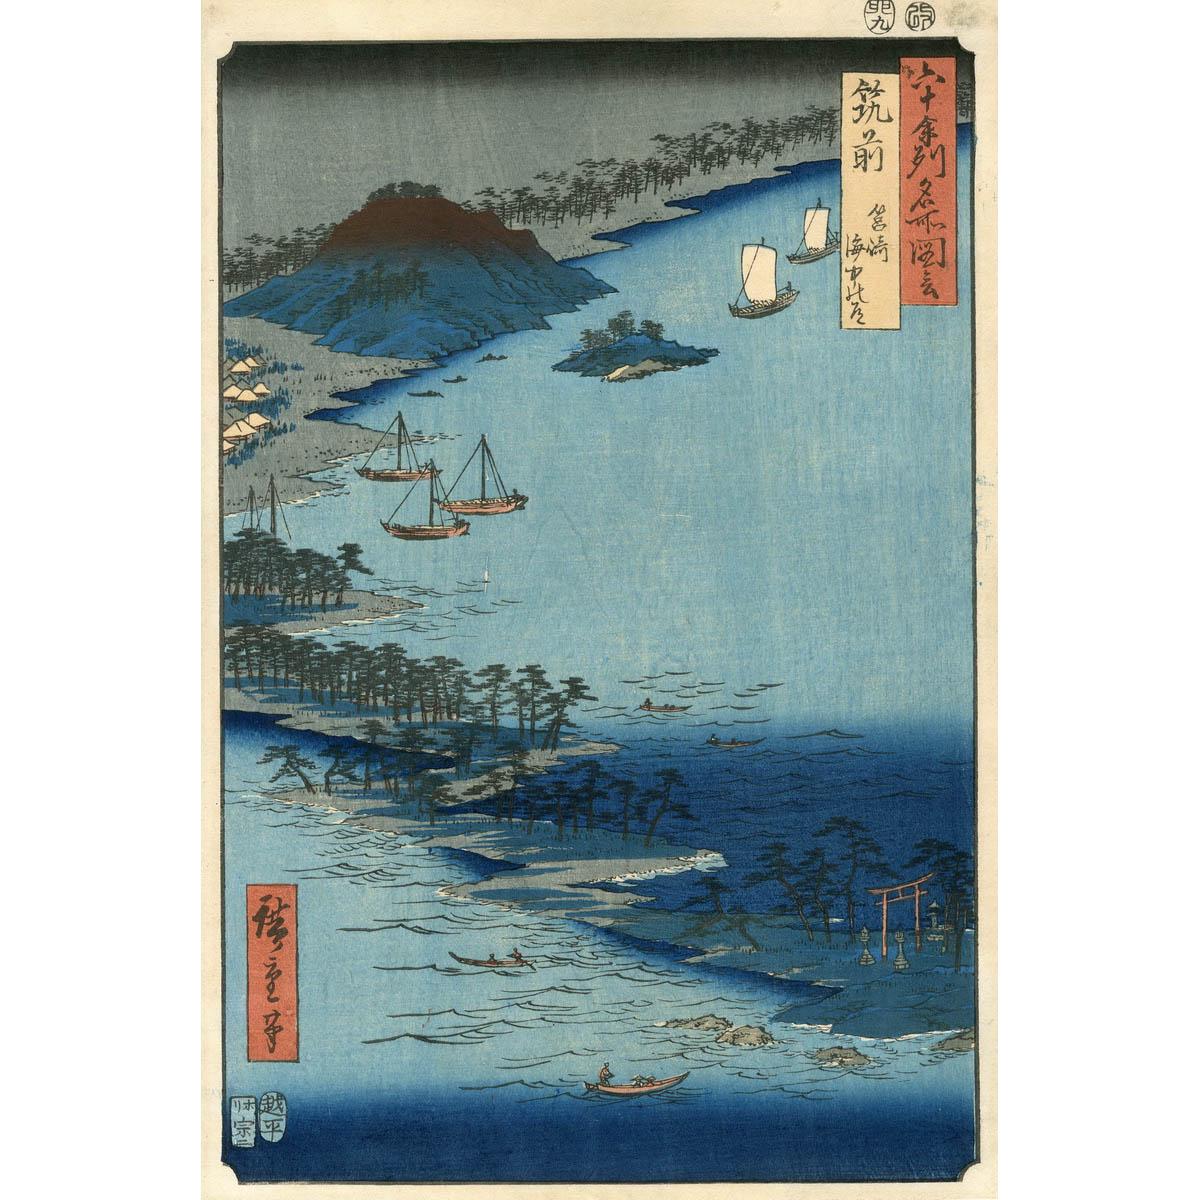 HIROSHIGE, UTAGAWA 1797-1858